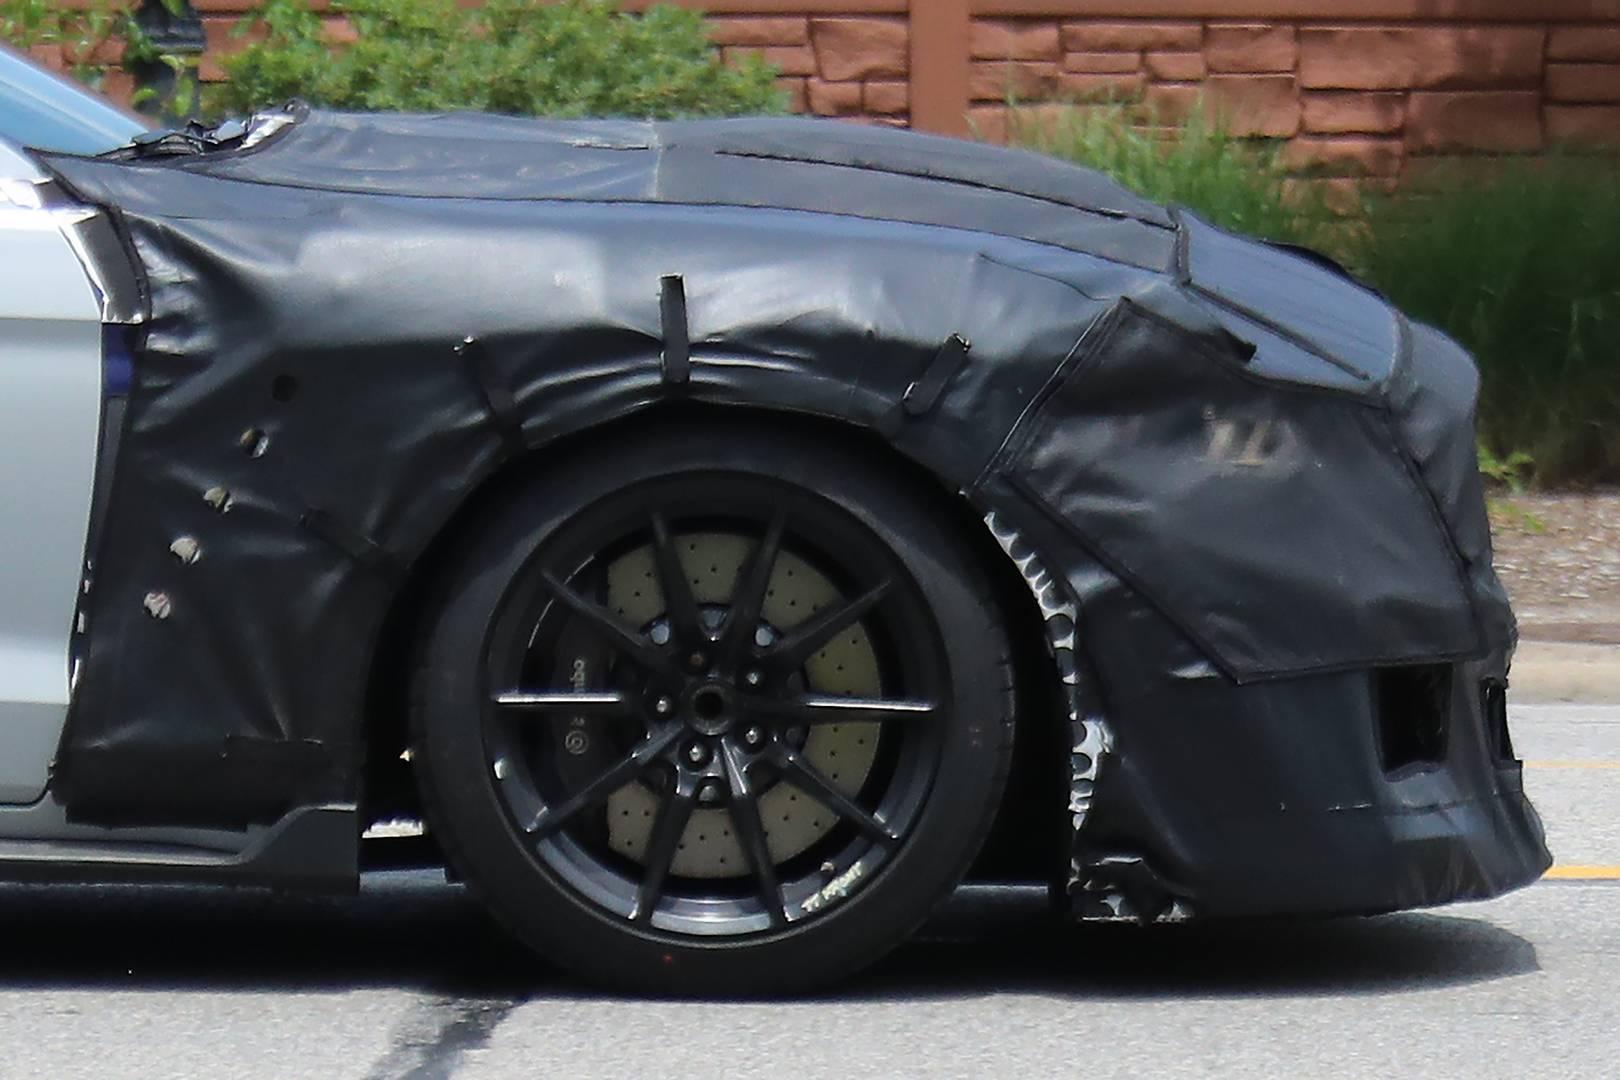 На этой неделе автомобиль 2019 Ford Mustang Shelby GT500 был замечен на тестировании, дав нам представление о предстоящем американском монстре.